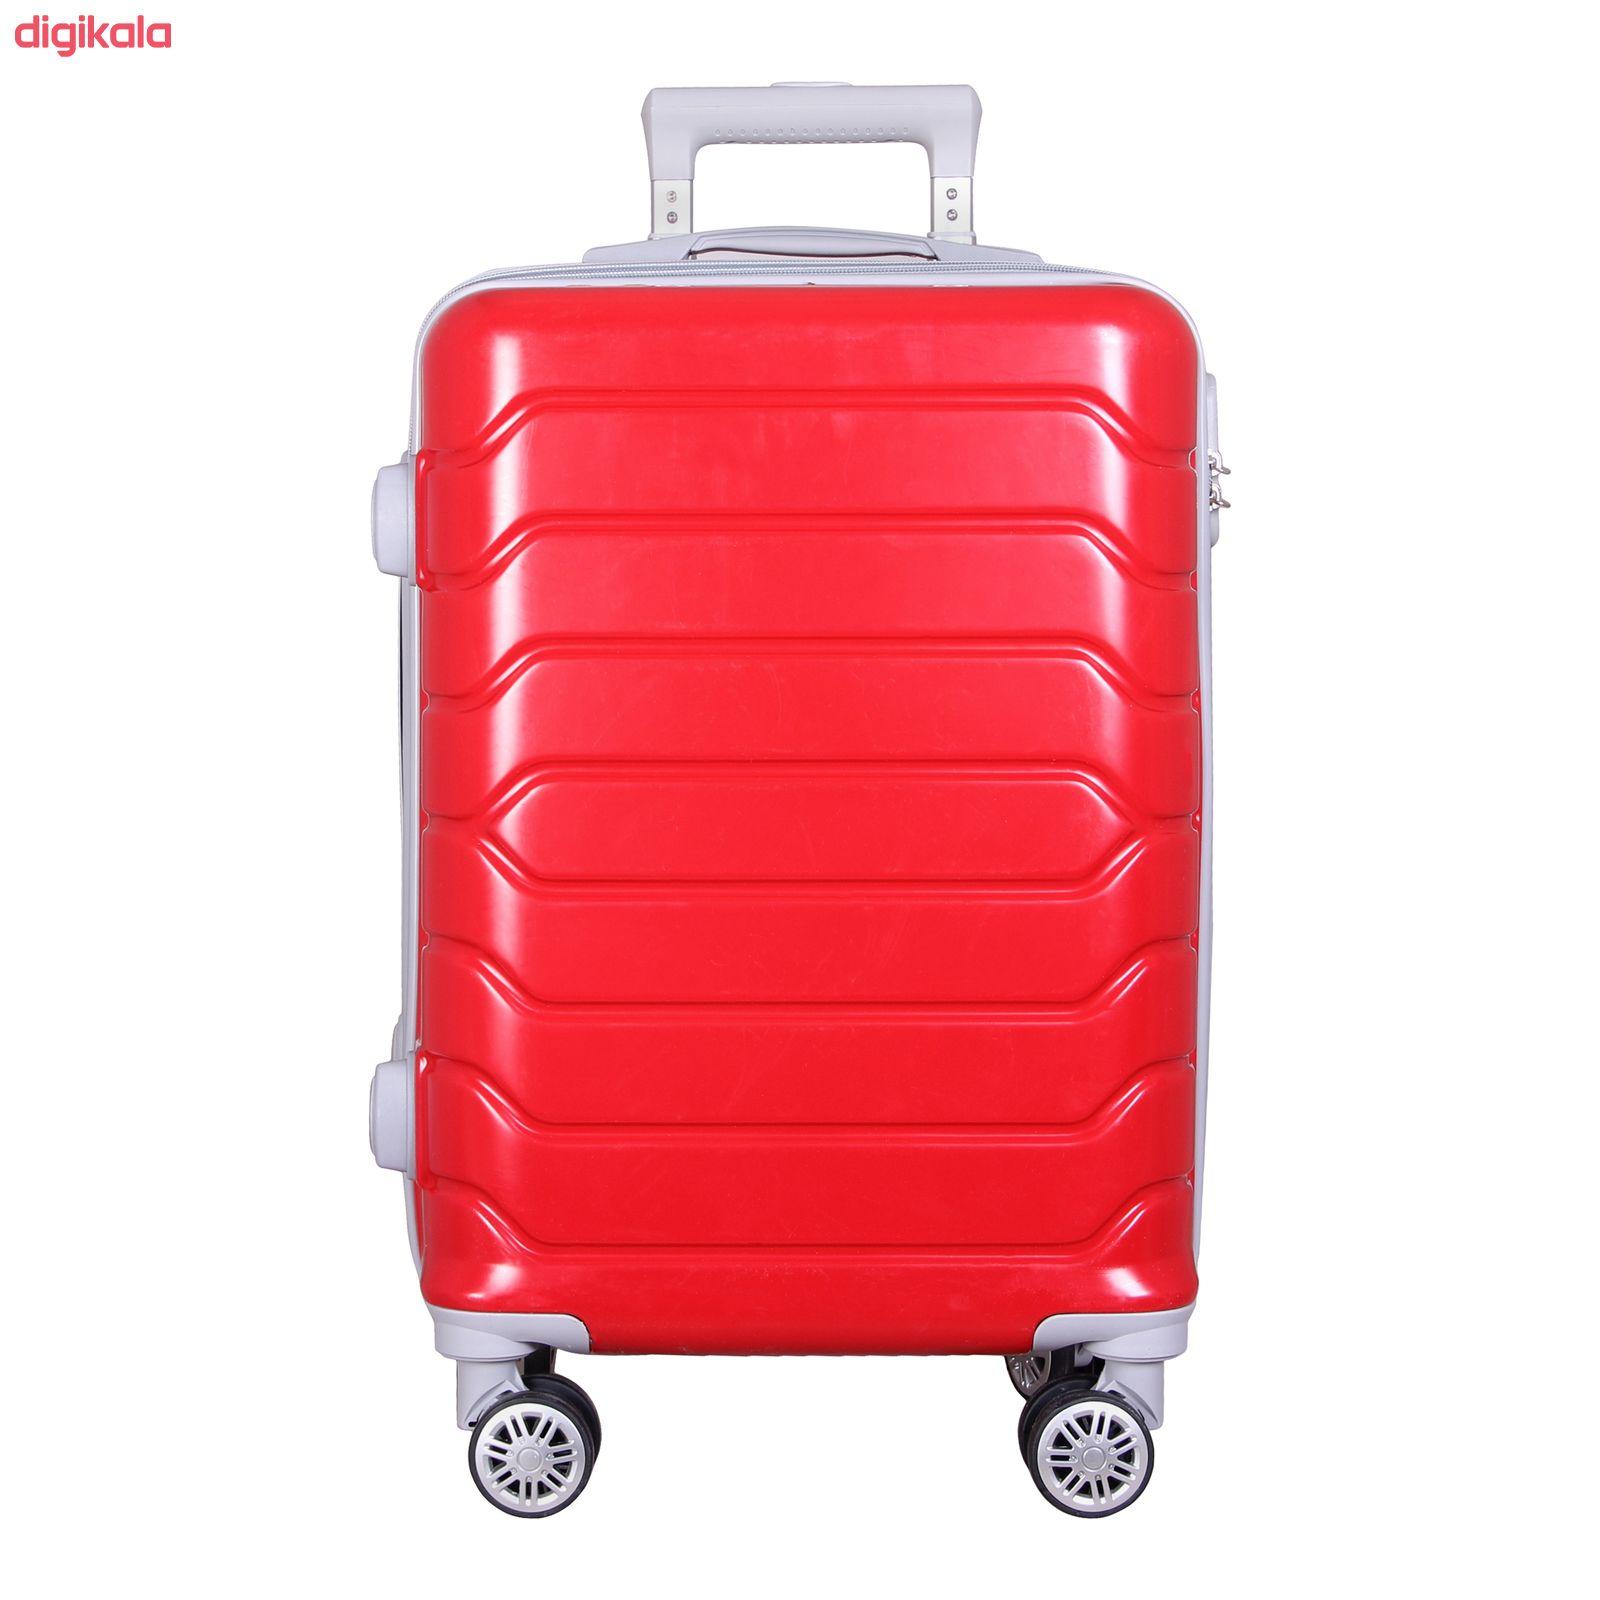 مجموعه سه عددی چمدان مدل 20020 main 1 21